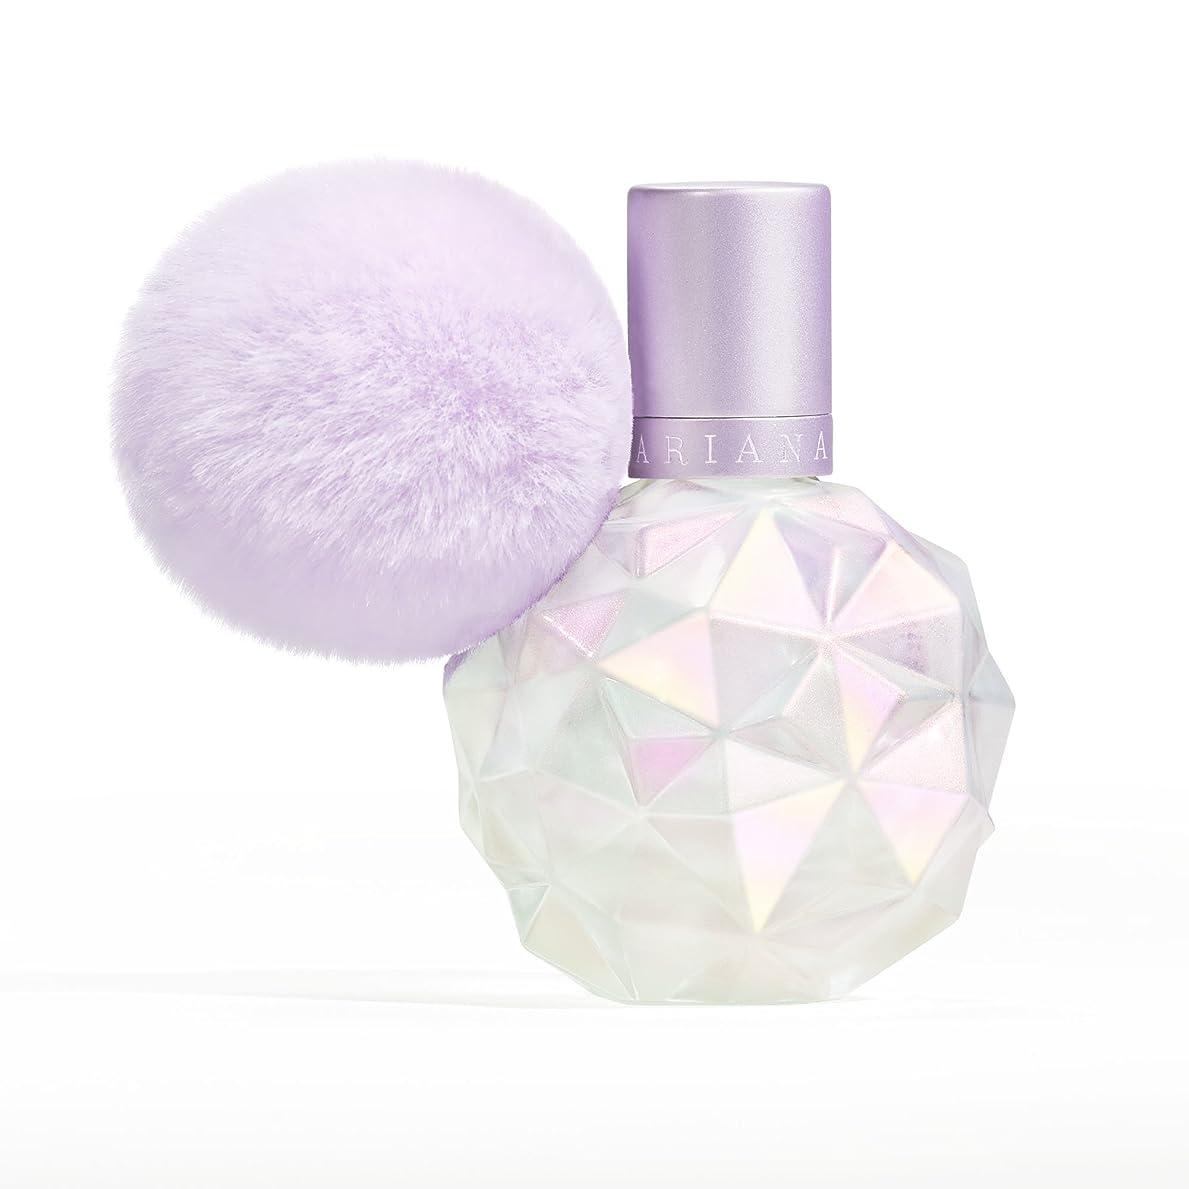 食料品店素子したがってAriana Grande Moonlight Women's Perfume(アリアナ グランデ ムーンライト パフューム) 30 ml